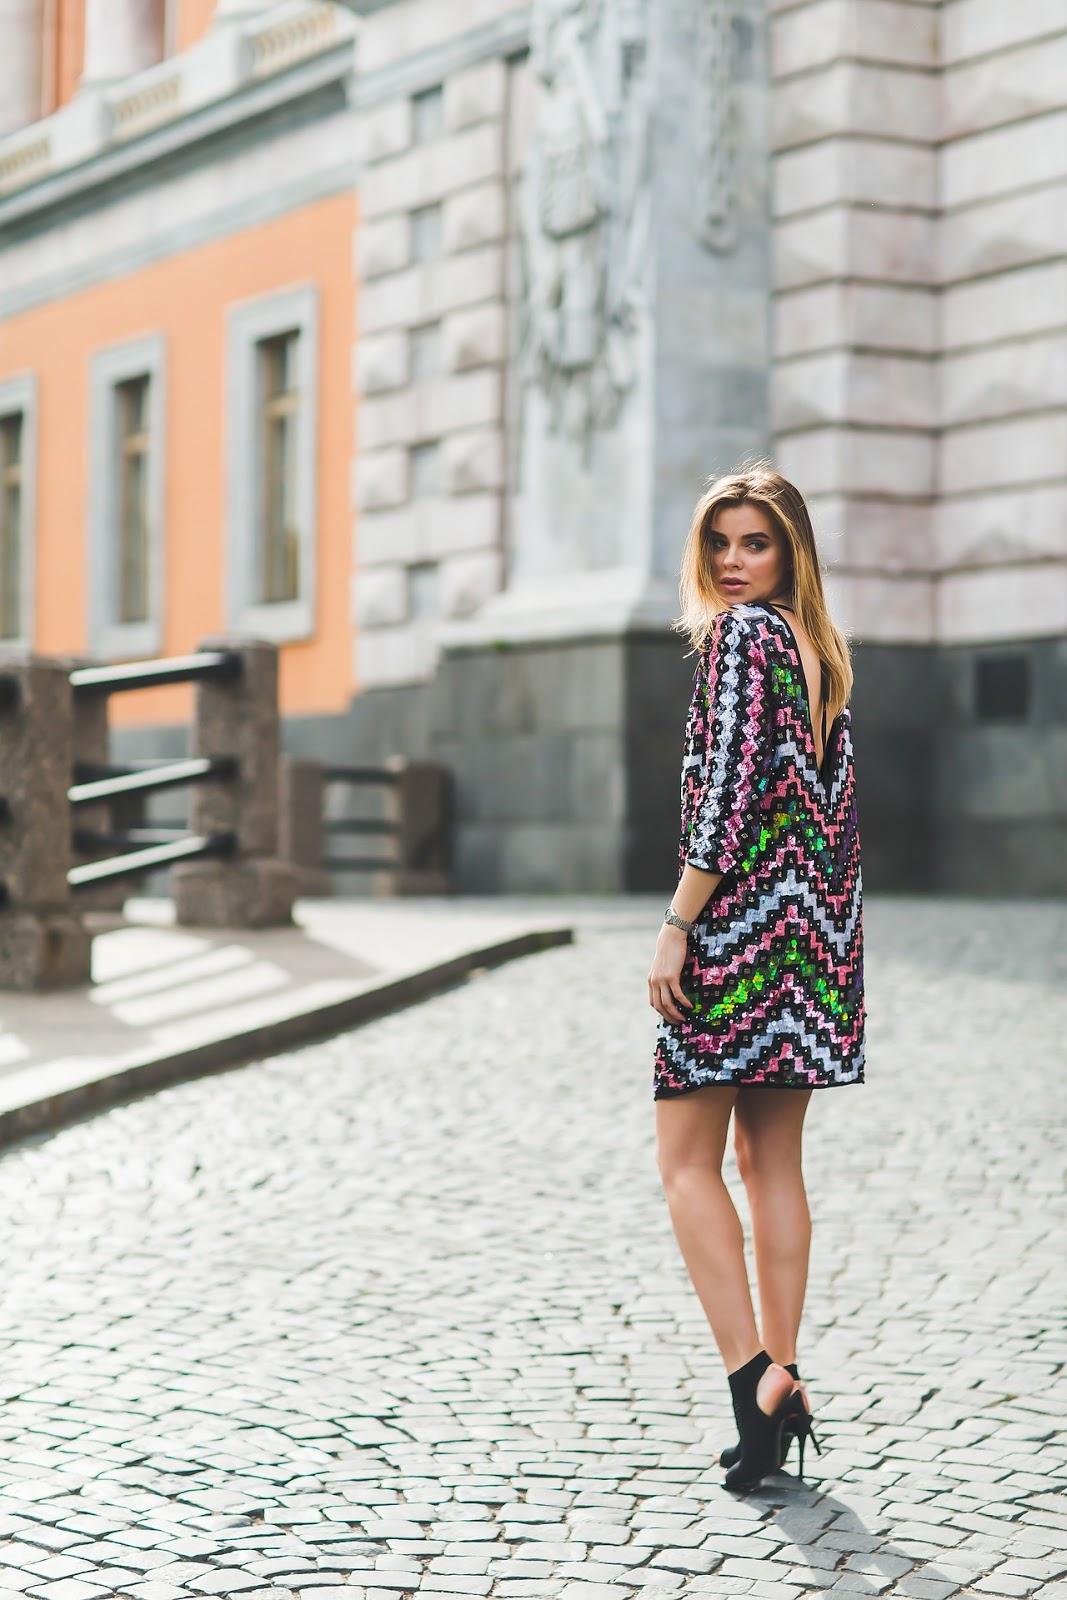 Partykleider mit Pailletten: Diese Paillettenkleider sind 2018 Trend